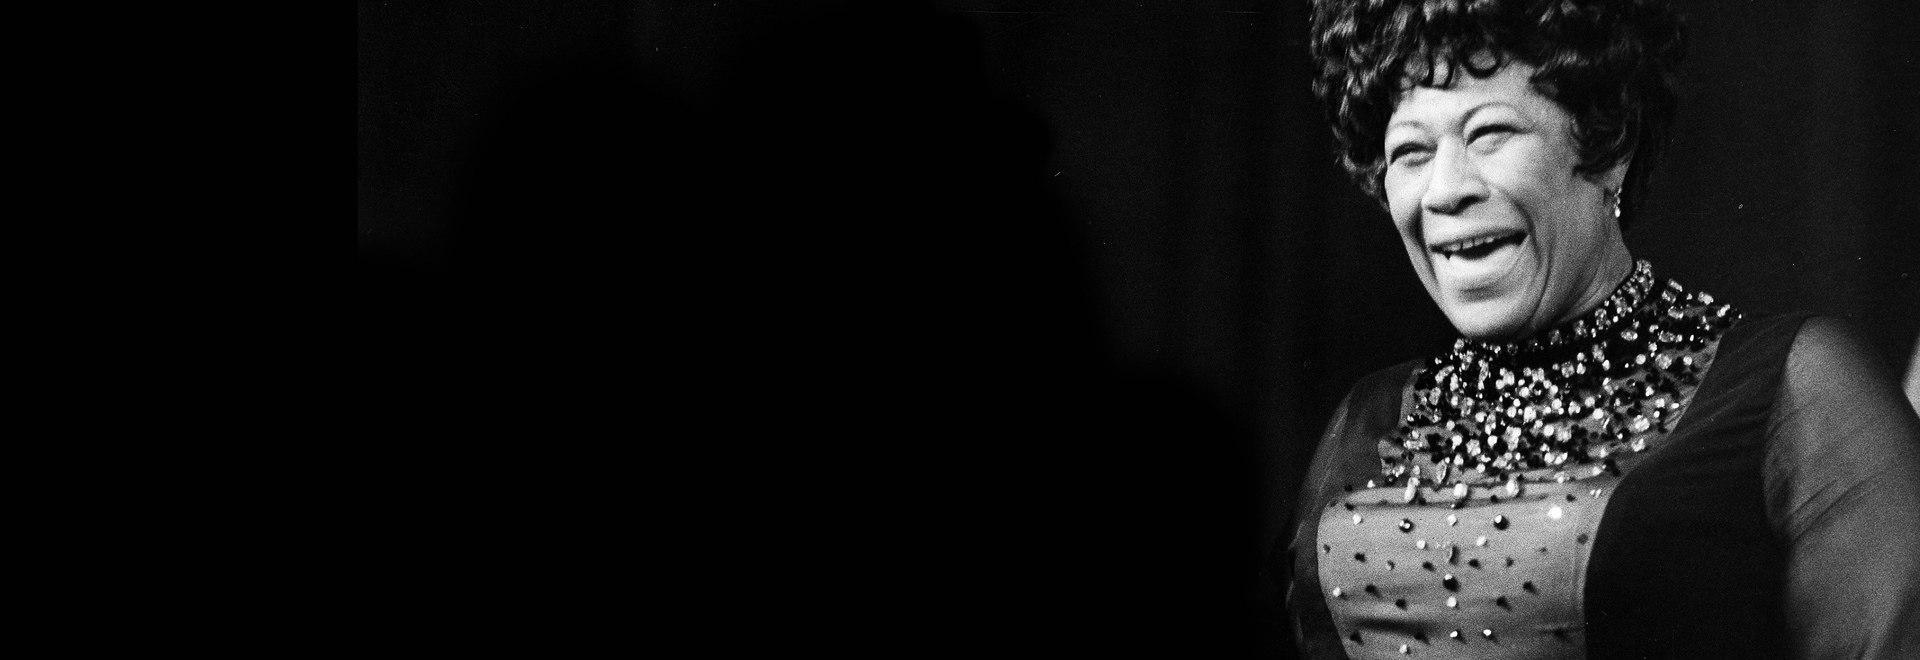 Ella Fitzgerald - Queen of Jazz